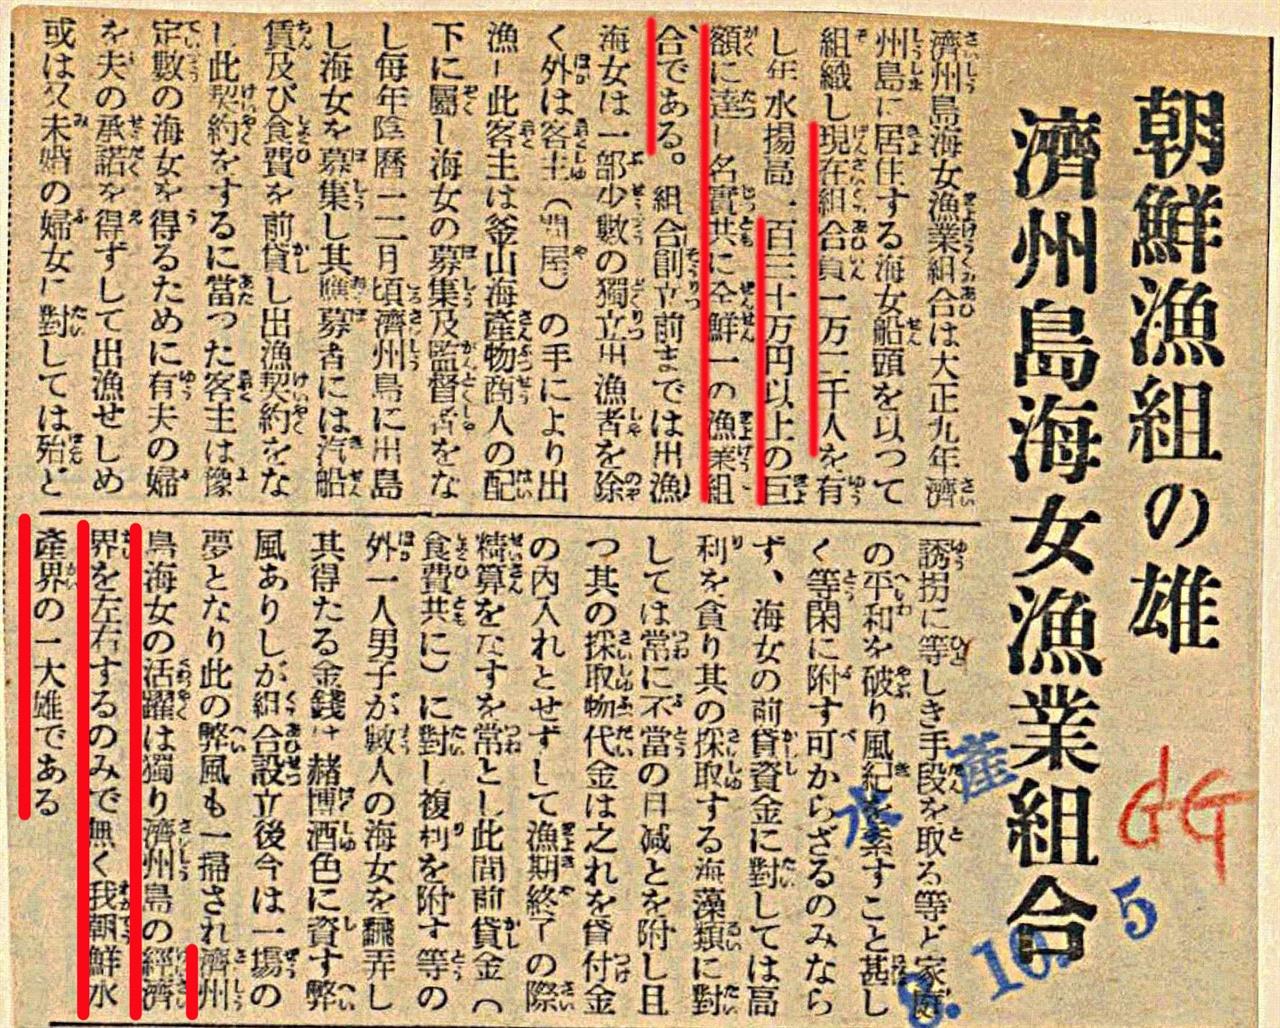 1933년 10월 5일자 동양수산신문 기사